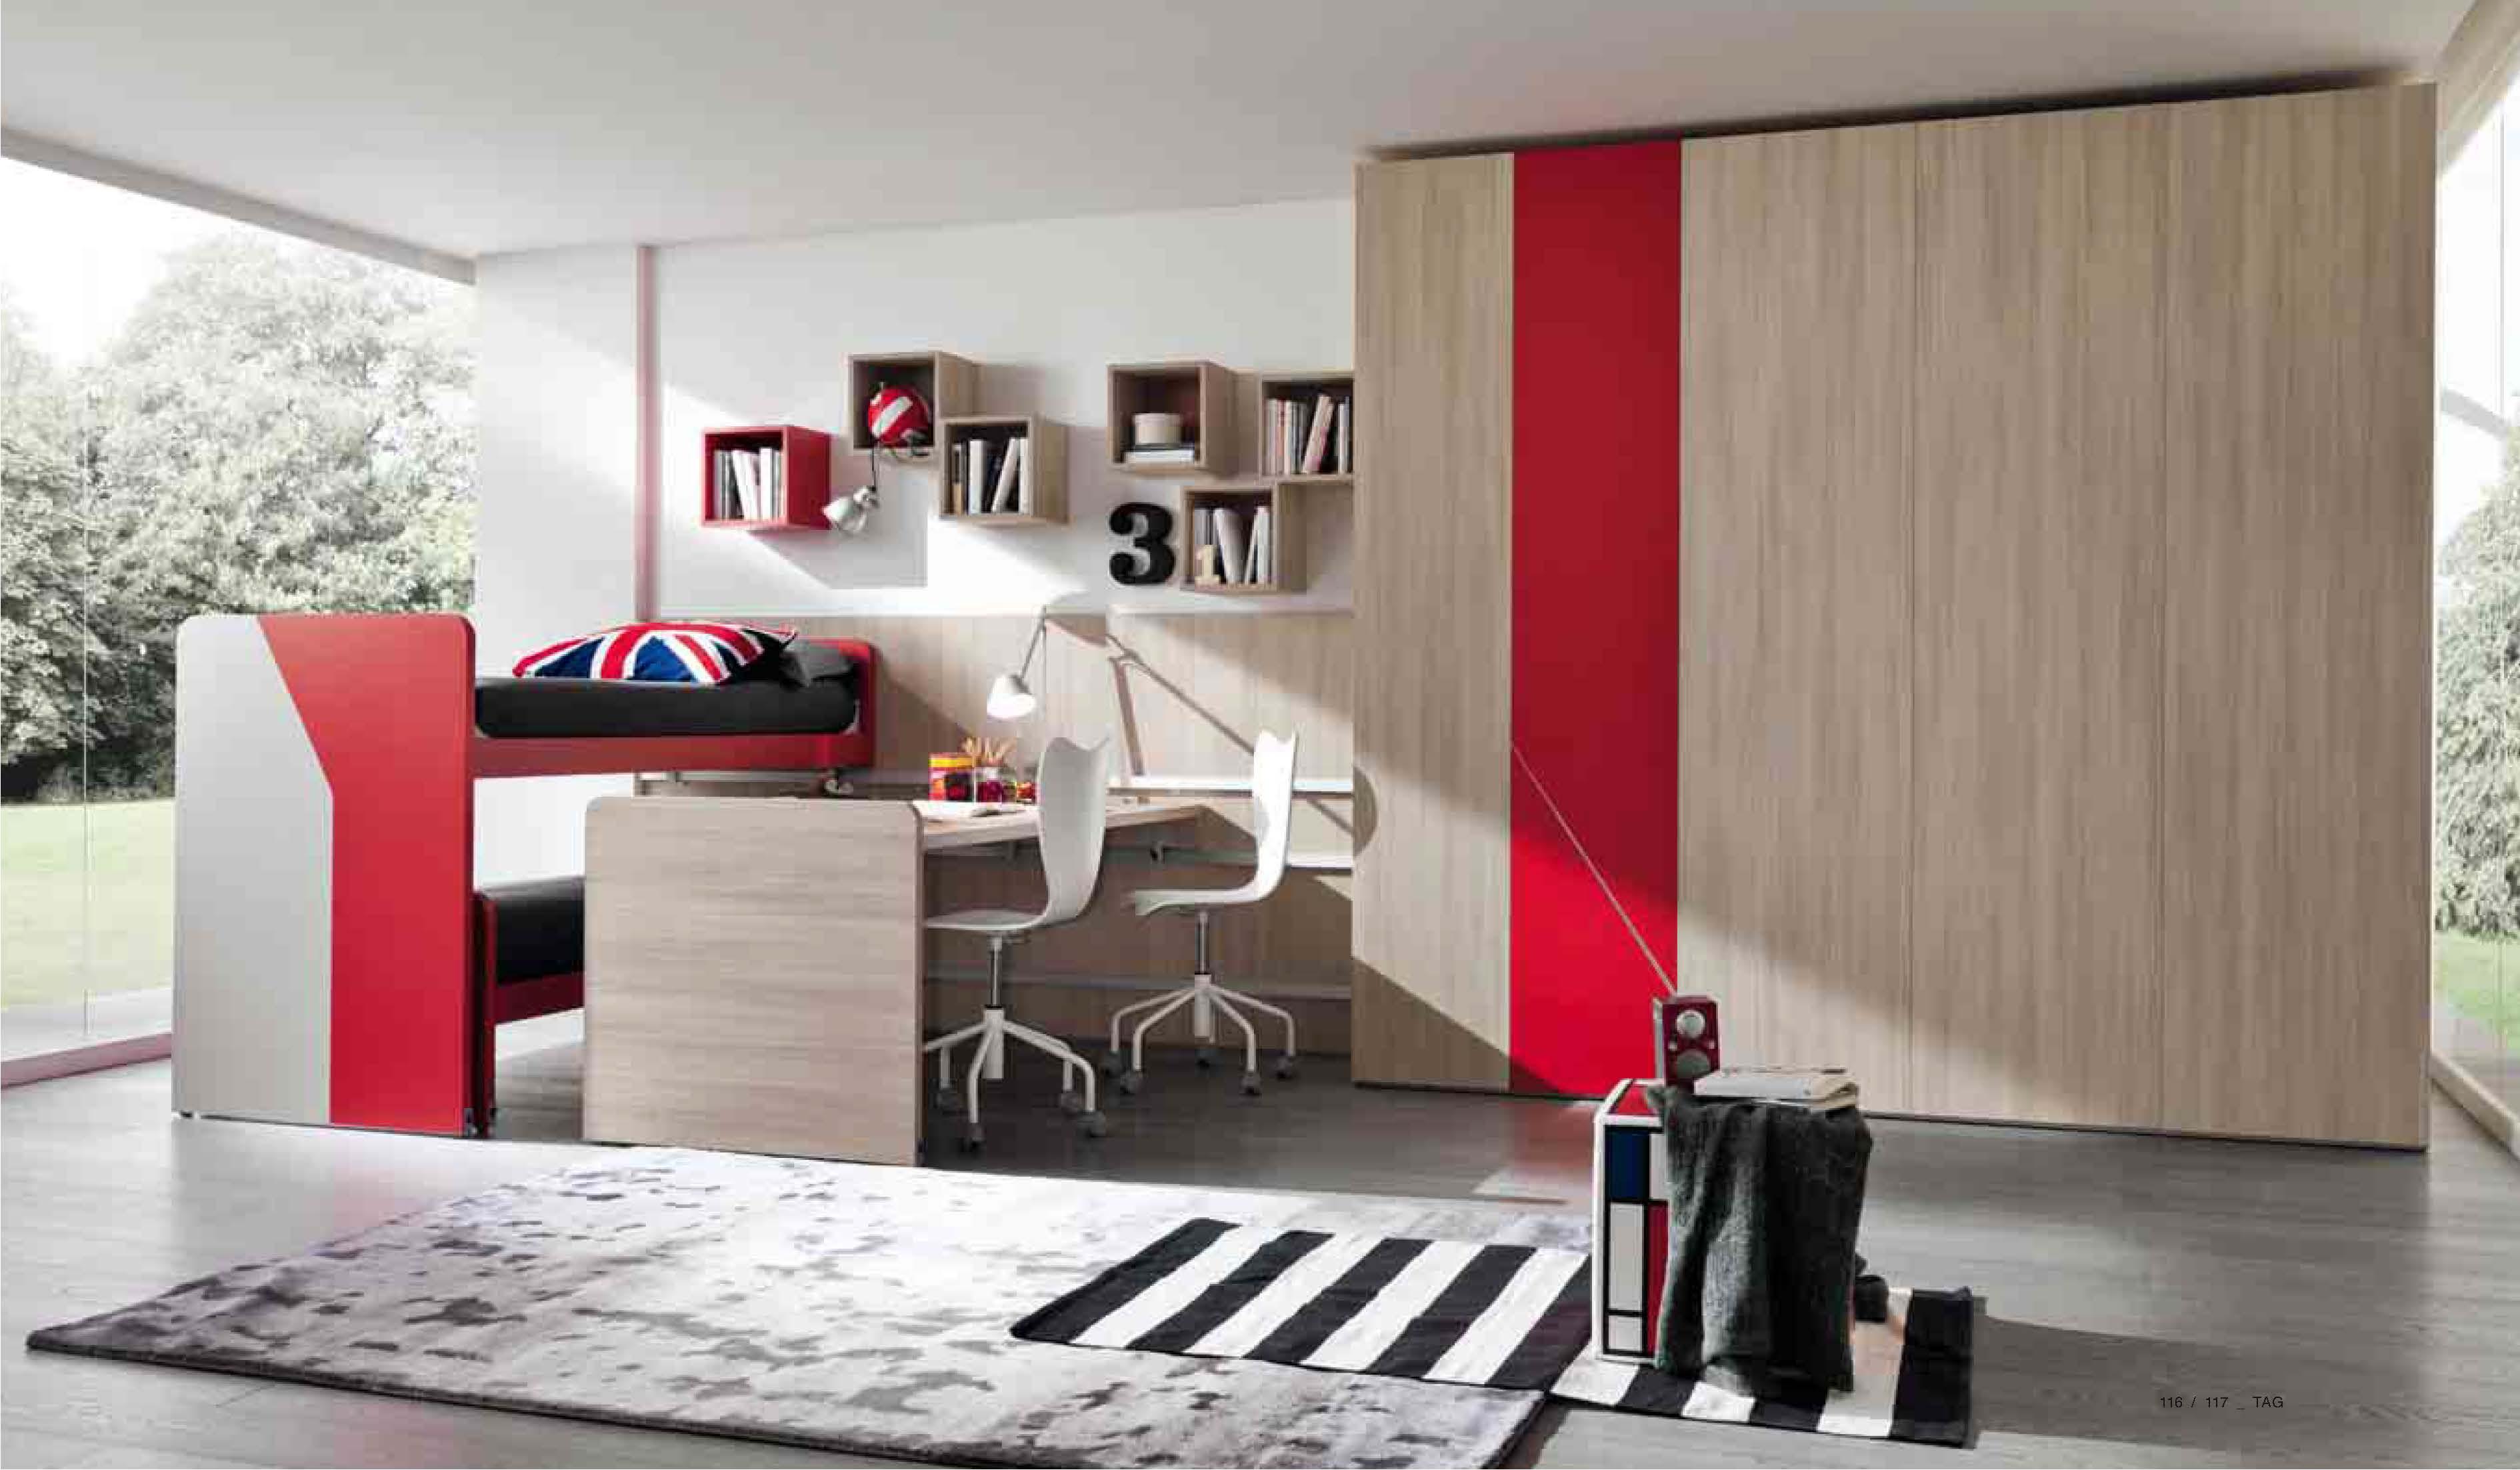 Cameretta in legno olmo rosso arredamento moderno for Arredamento camerette